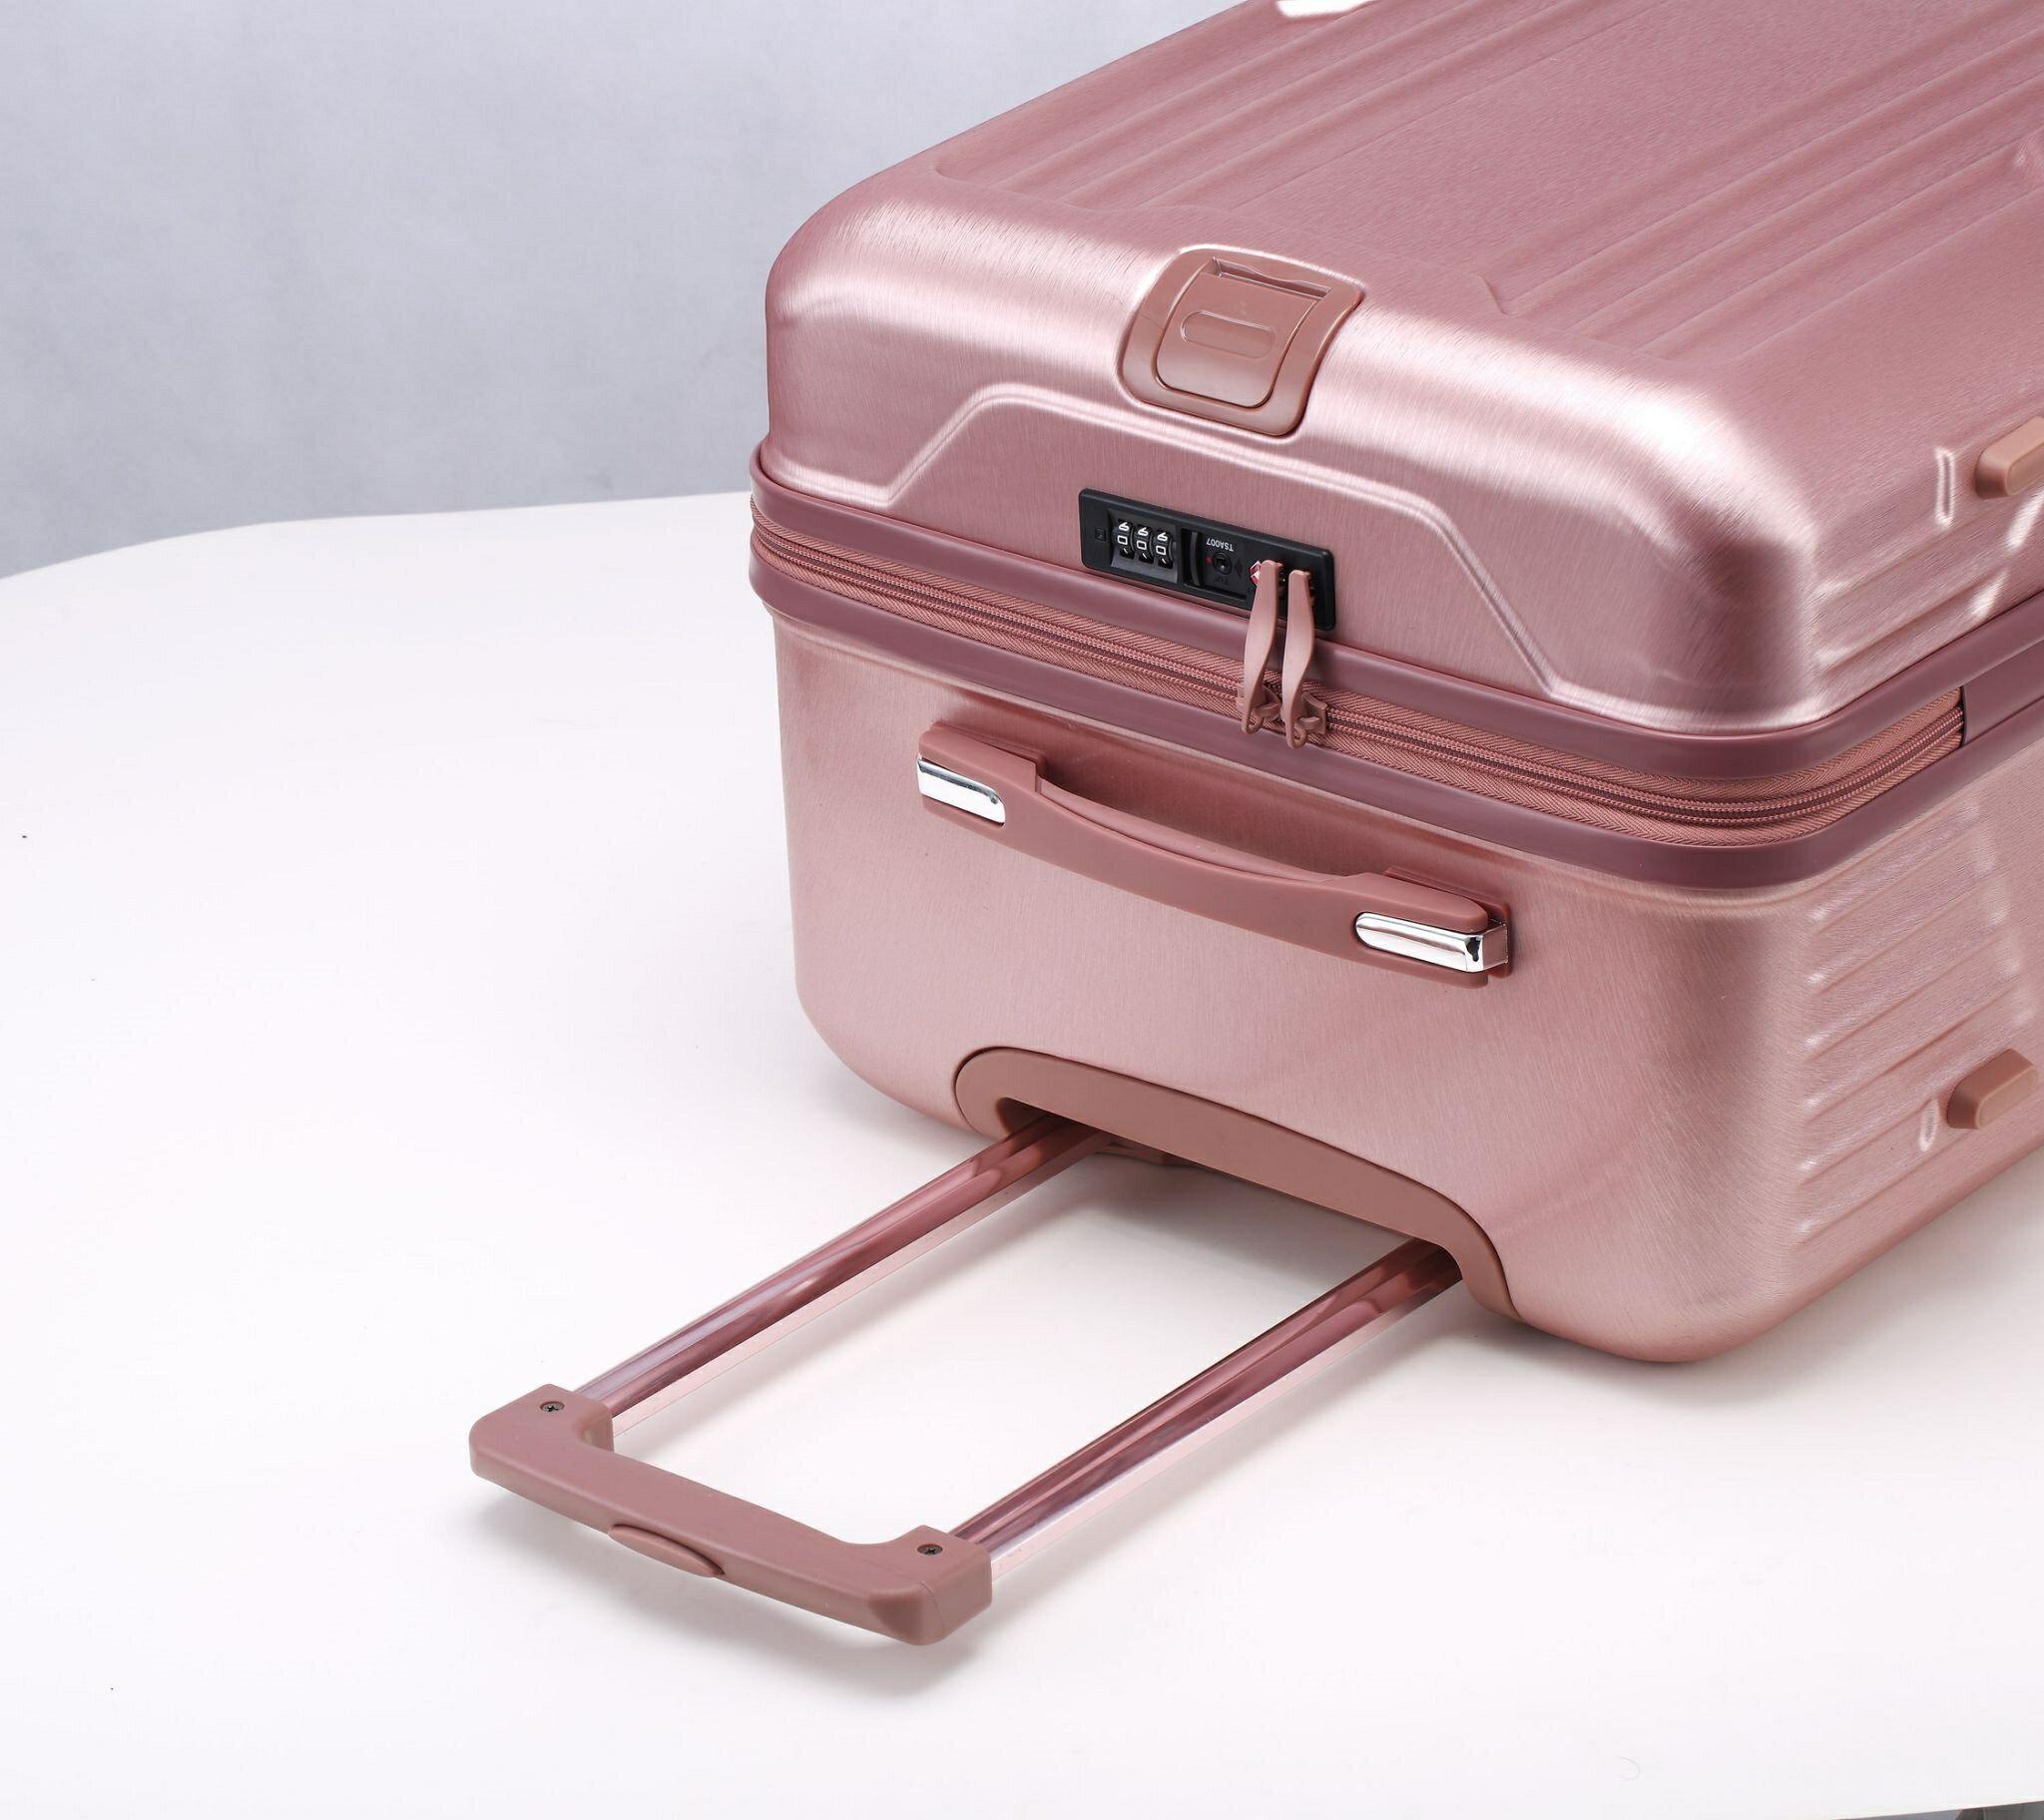 運動款 拉鍊 胖胖箱 旅行箱 20吋25吋29吋 行李箱 -鐵灰色 / 深紫色 / 玫瑰金-現貨當日出貨-免運台南可預約自取 7